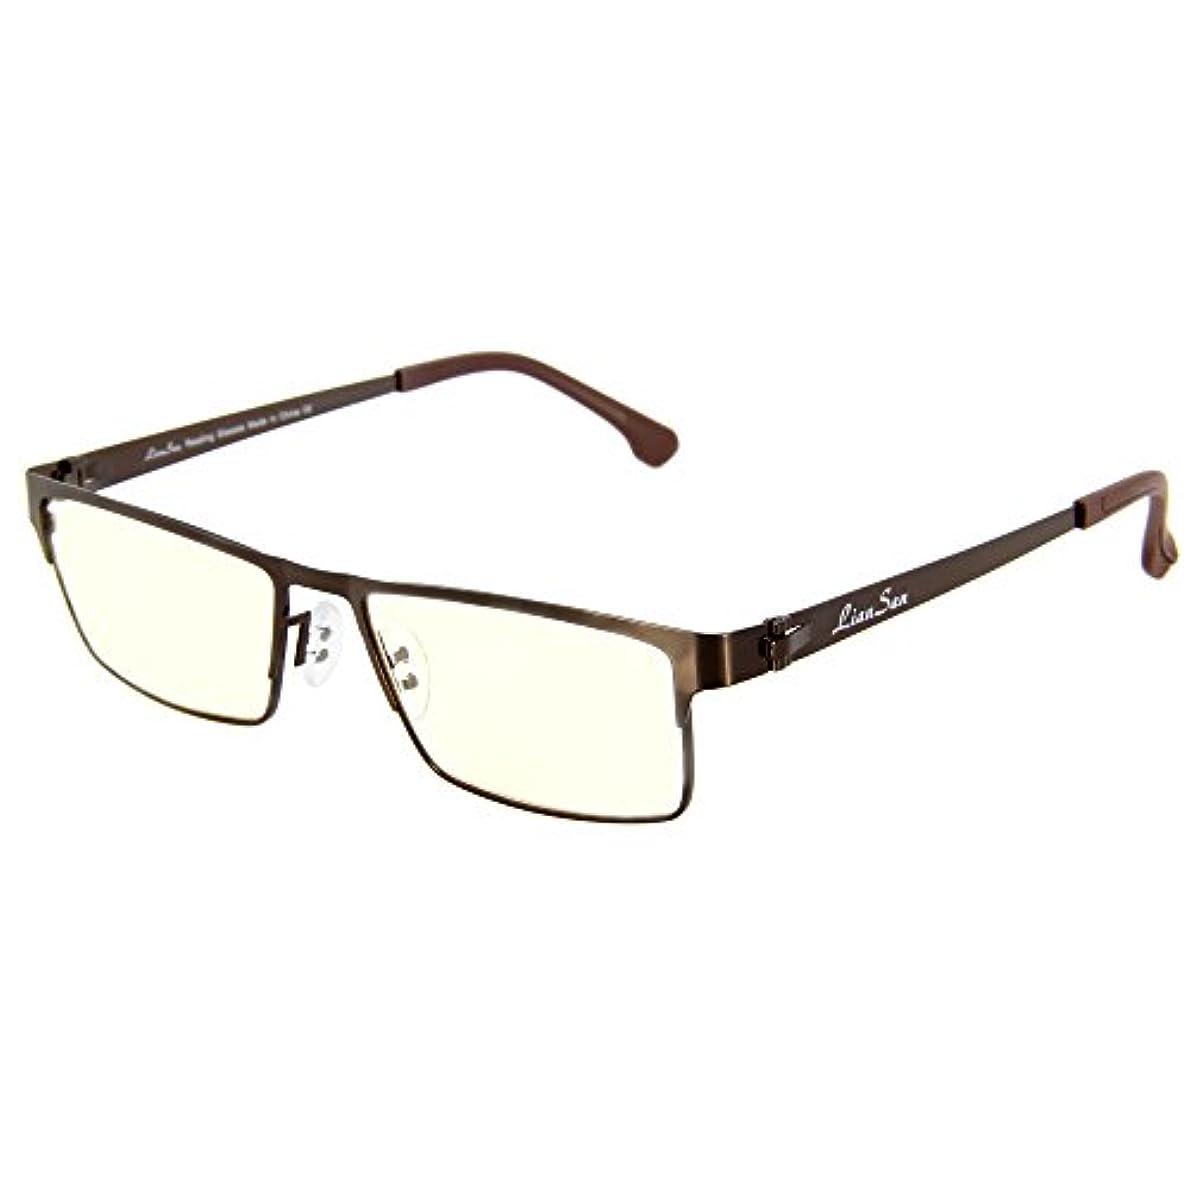 (レンサン) LianSan老眼鏡 ユニセックス レディース メンズ 女性 男性 スクエア メタル フレーム おしゃれな リーディンググラス シニアグラス 老眼鏡 L5610 (+2.50, ブラウン)